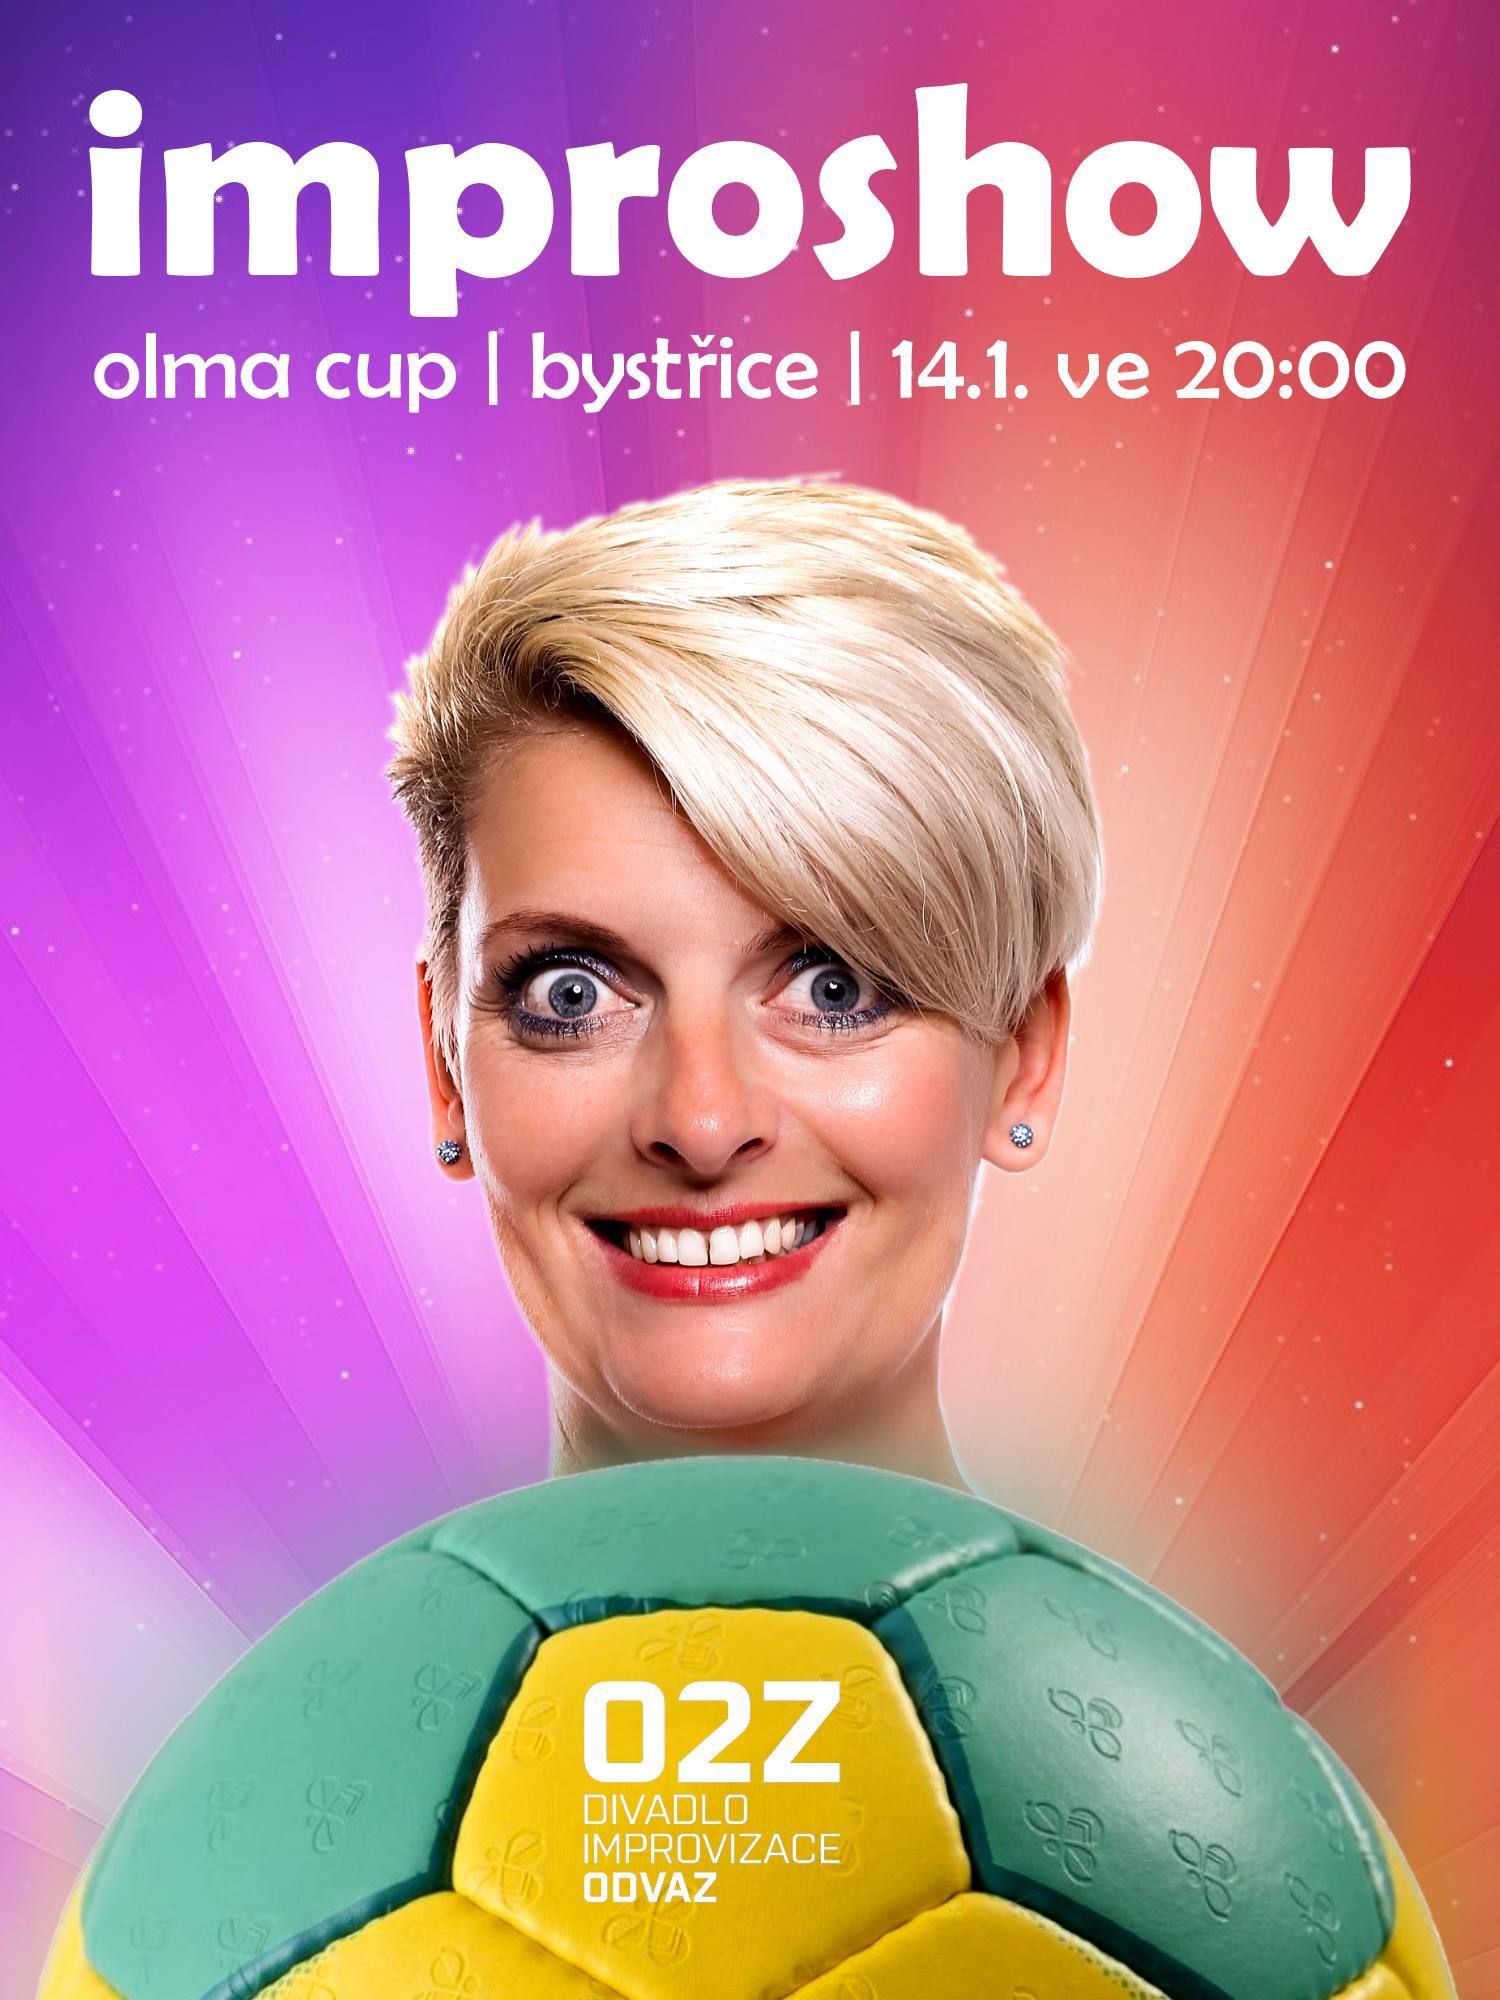 OLMA CUP: ODVAZ improshow